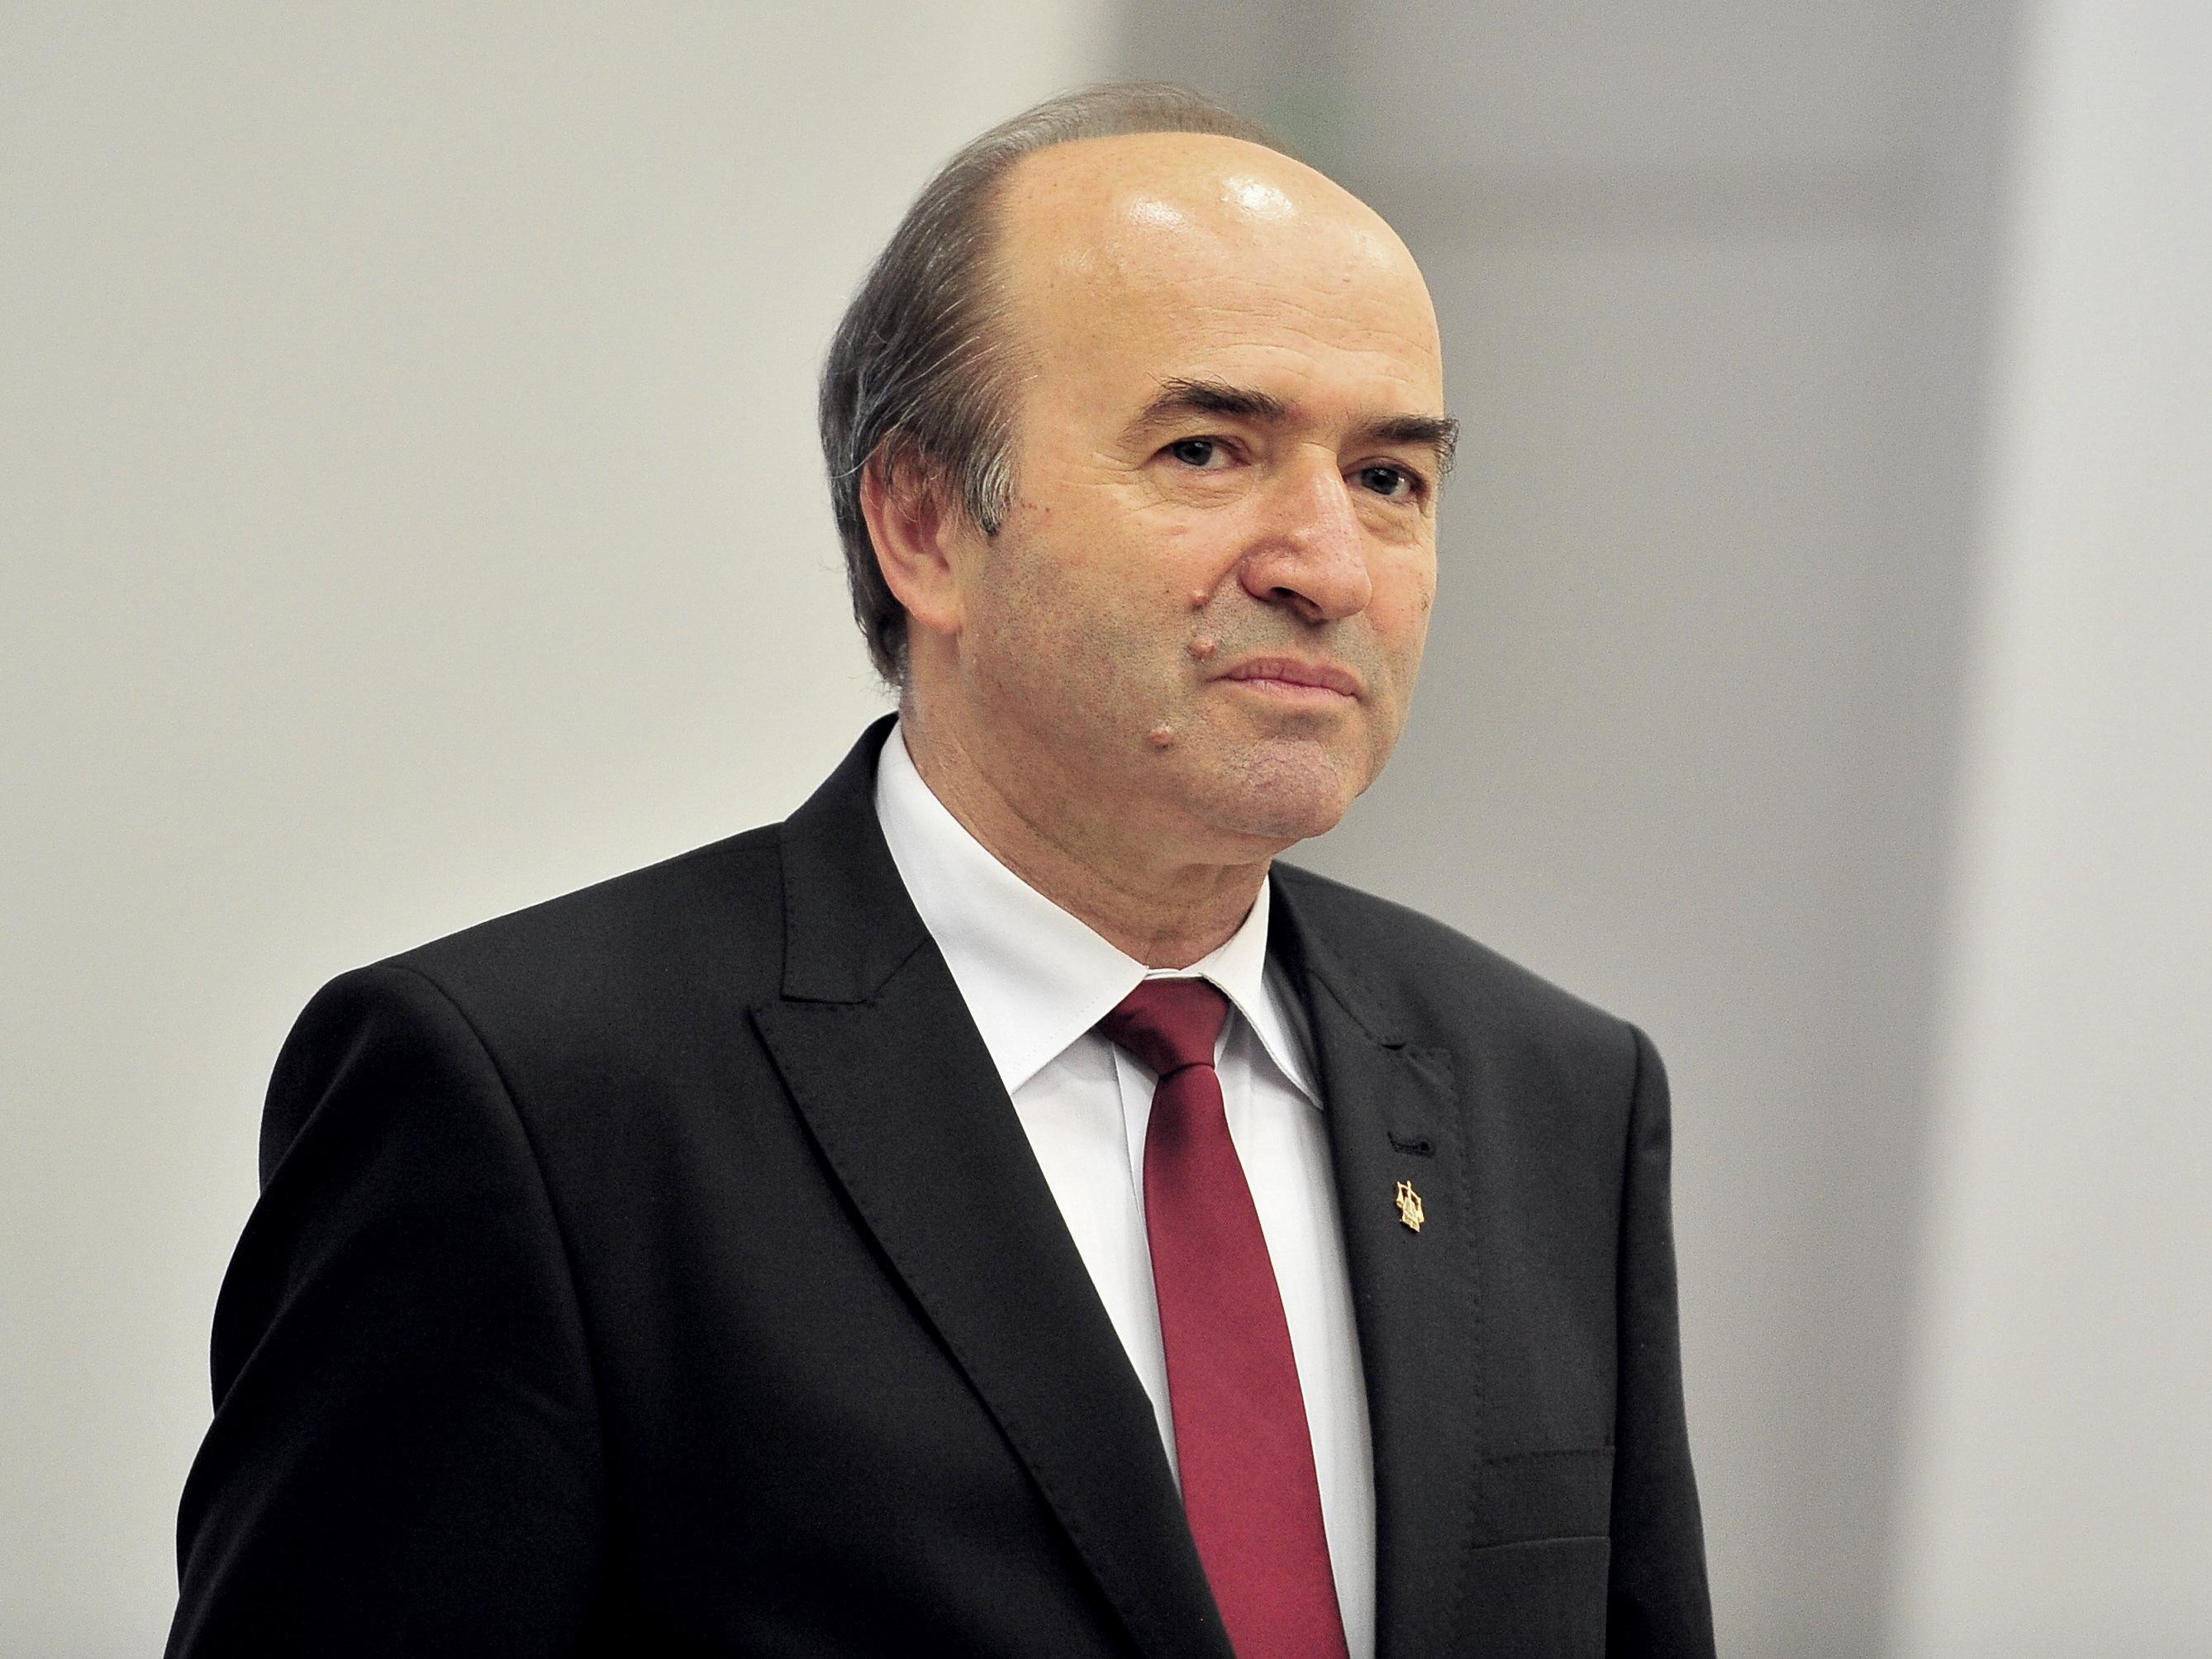 Ministrul Toader, la Comisia de la Veneţia: Am dat curs invitaţiei de prezentare a evoluţiilor legislative